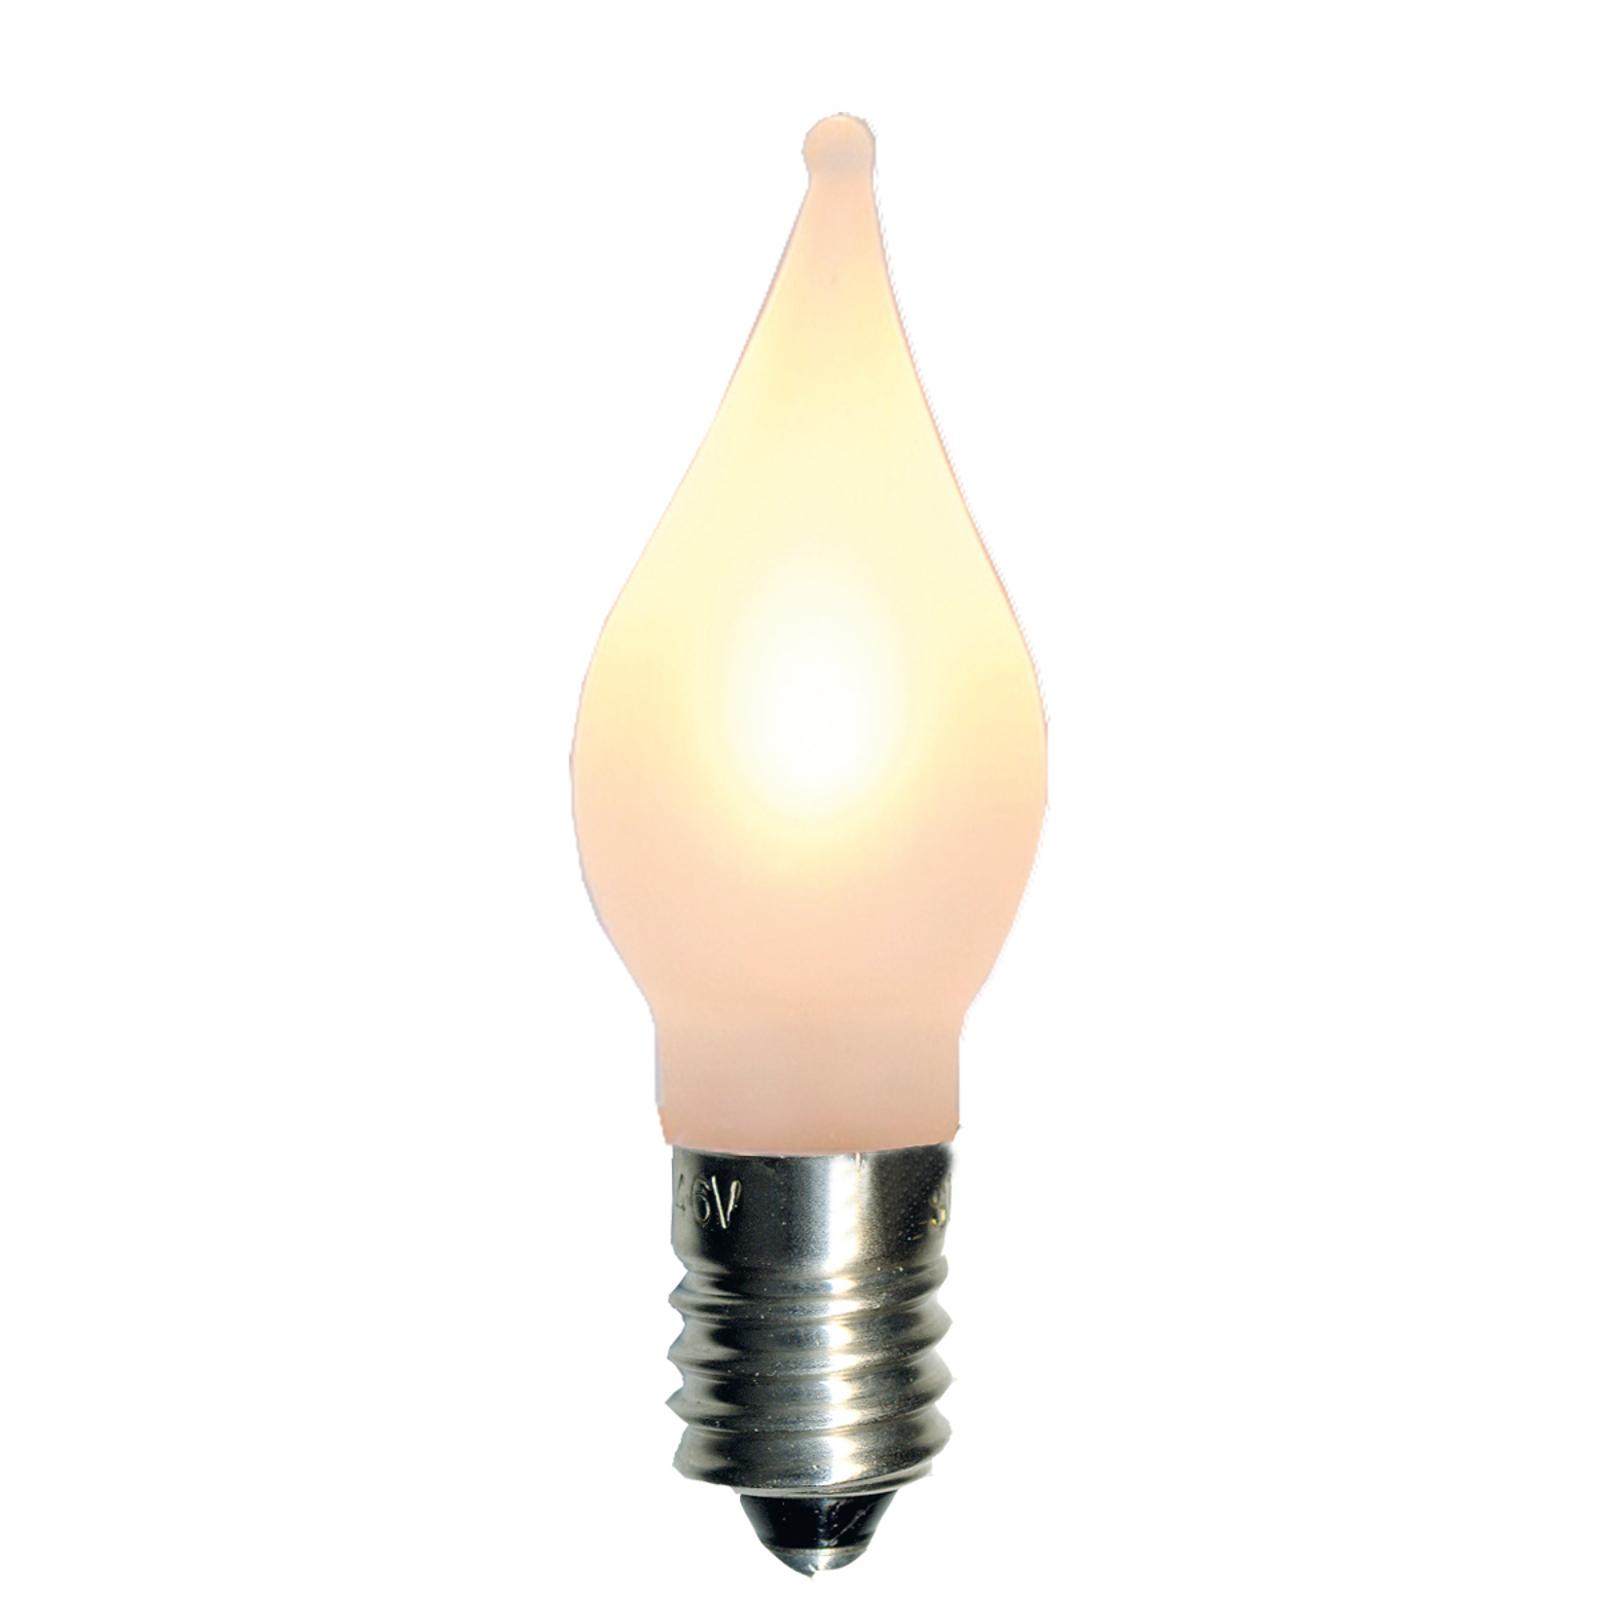 Kaarsv. E10-led-reservelamp van 0,1W, 10-55V, 3 st